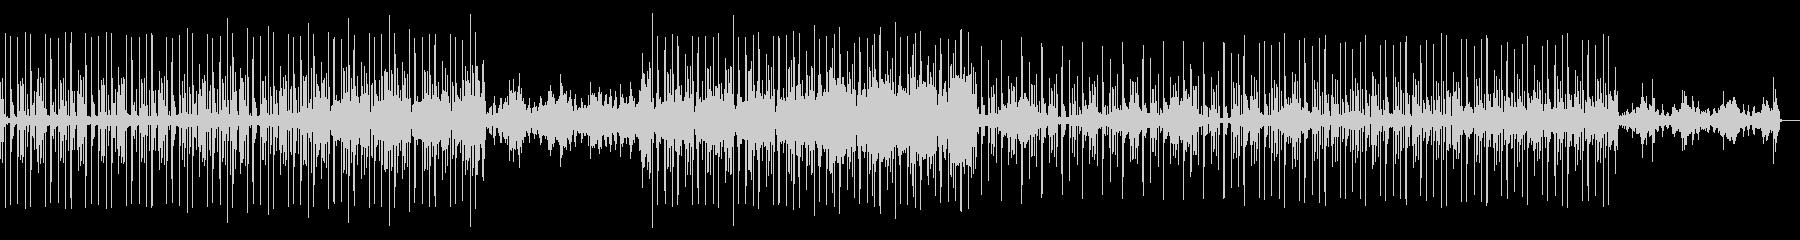 シンセのアルペジオとダンサブルなビートの未再生の波形